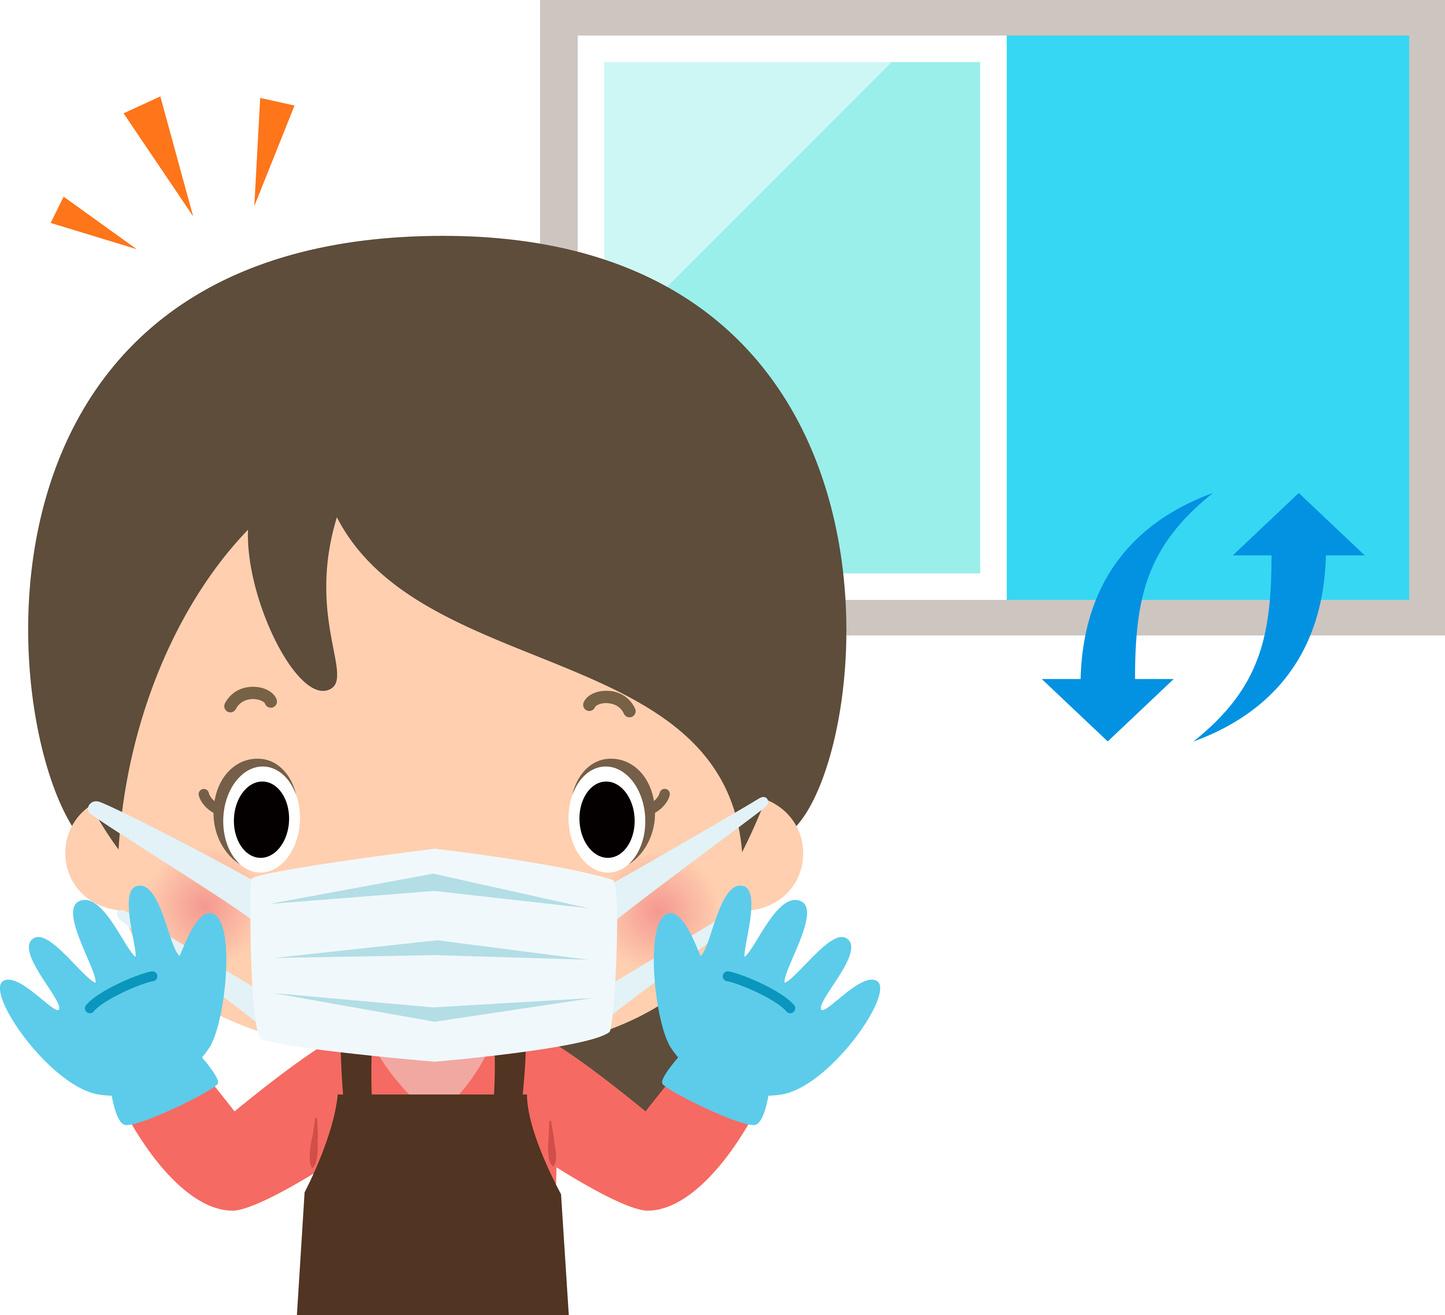 संक्रमण (सरुवा रोग)को रोकथाम/感染予防